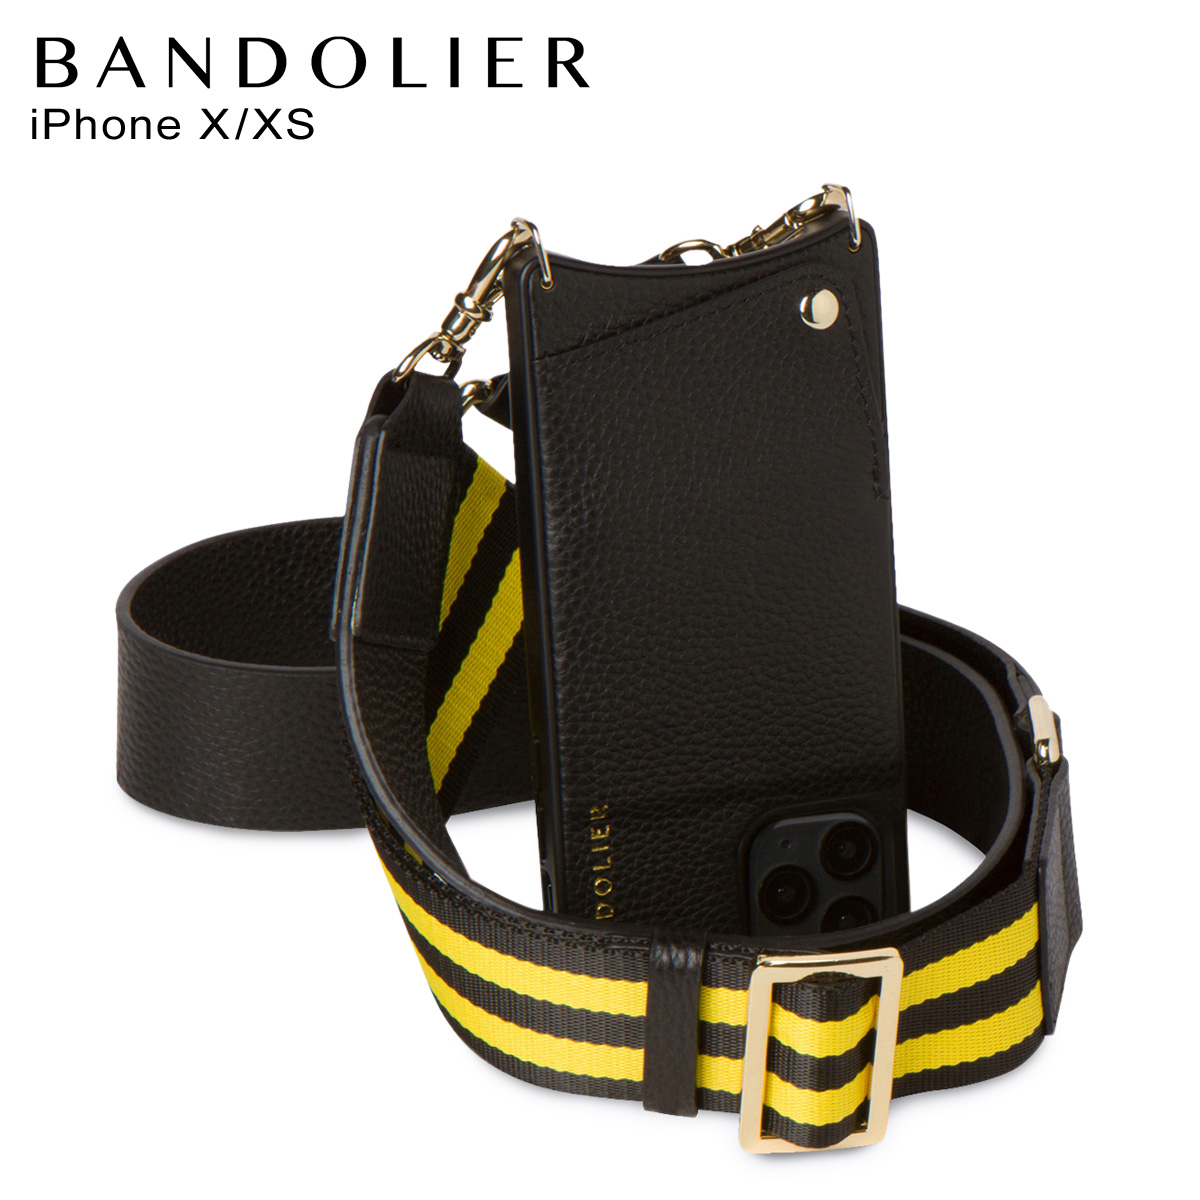 BANDOLIER バンドリヤー iPhoneXS X ケース スマホ 携帯 ショルダー スカイ サイドスロット メンズ レディース レザー SKYE SIDE SLOT YELLOW ブラック 黒 10SKY